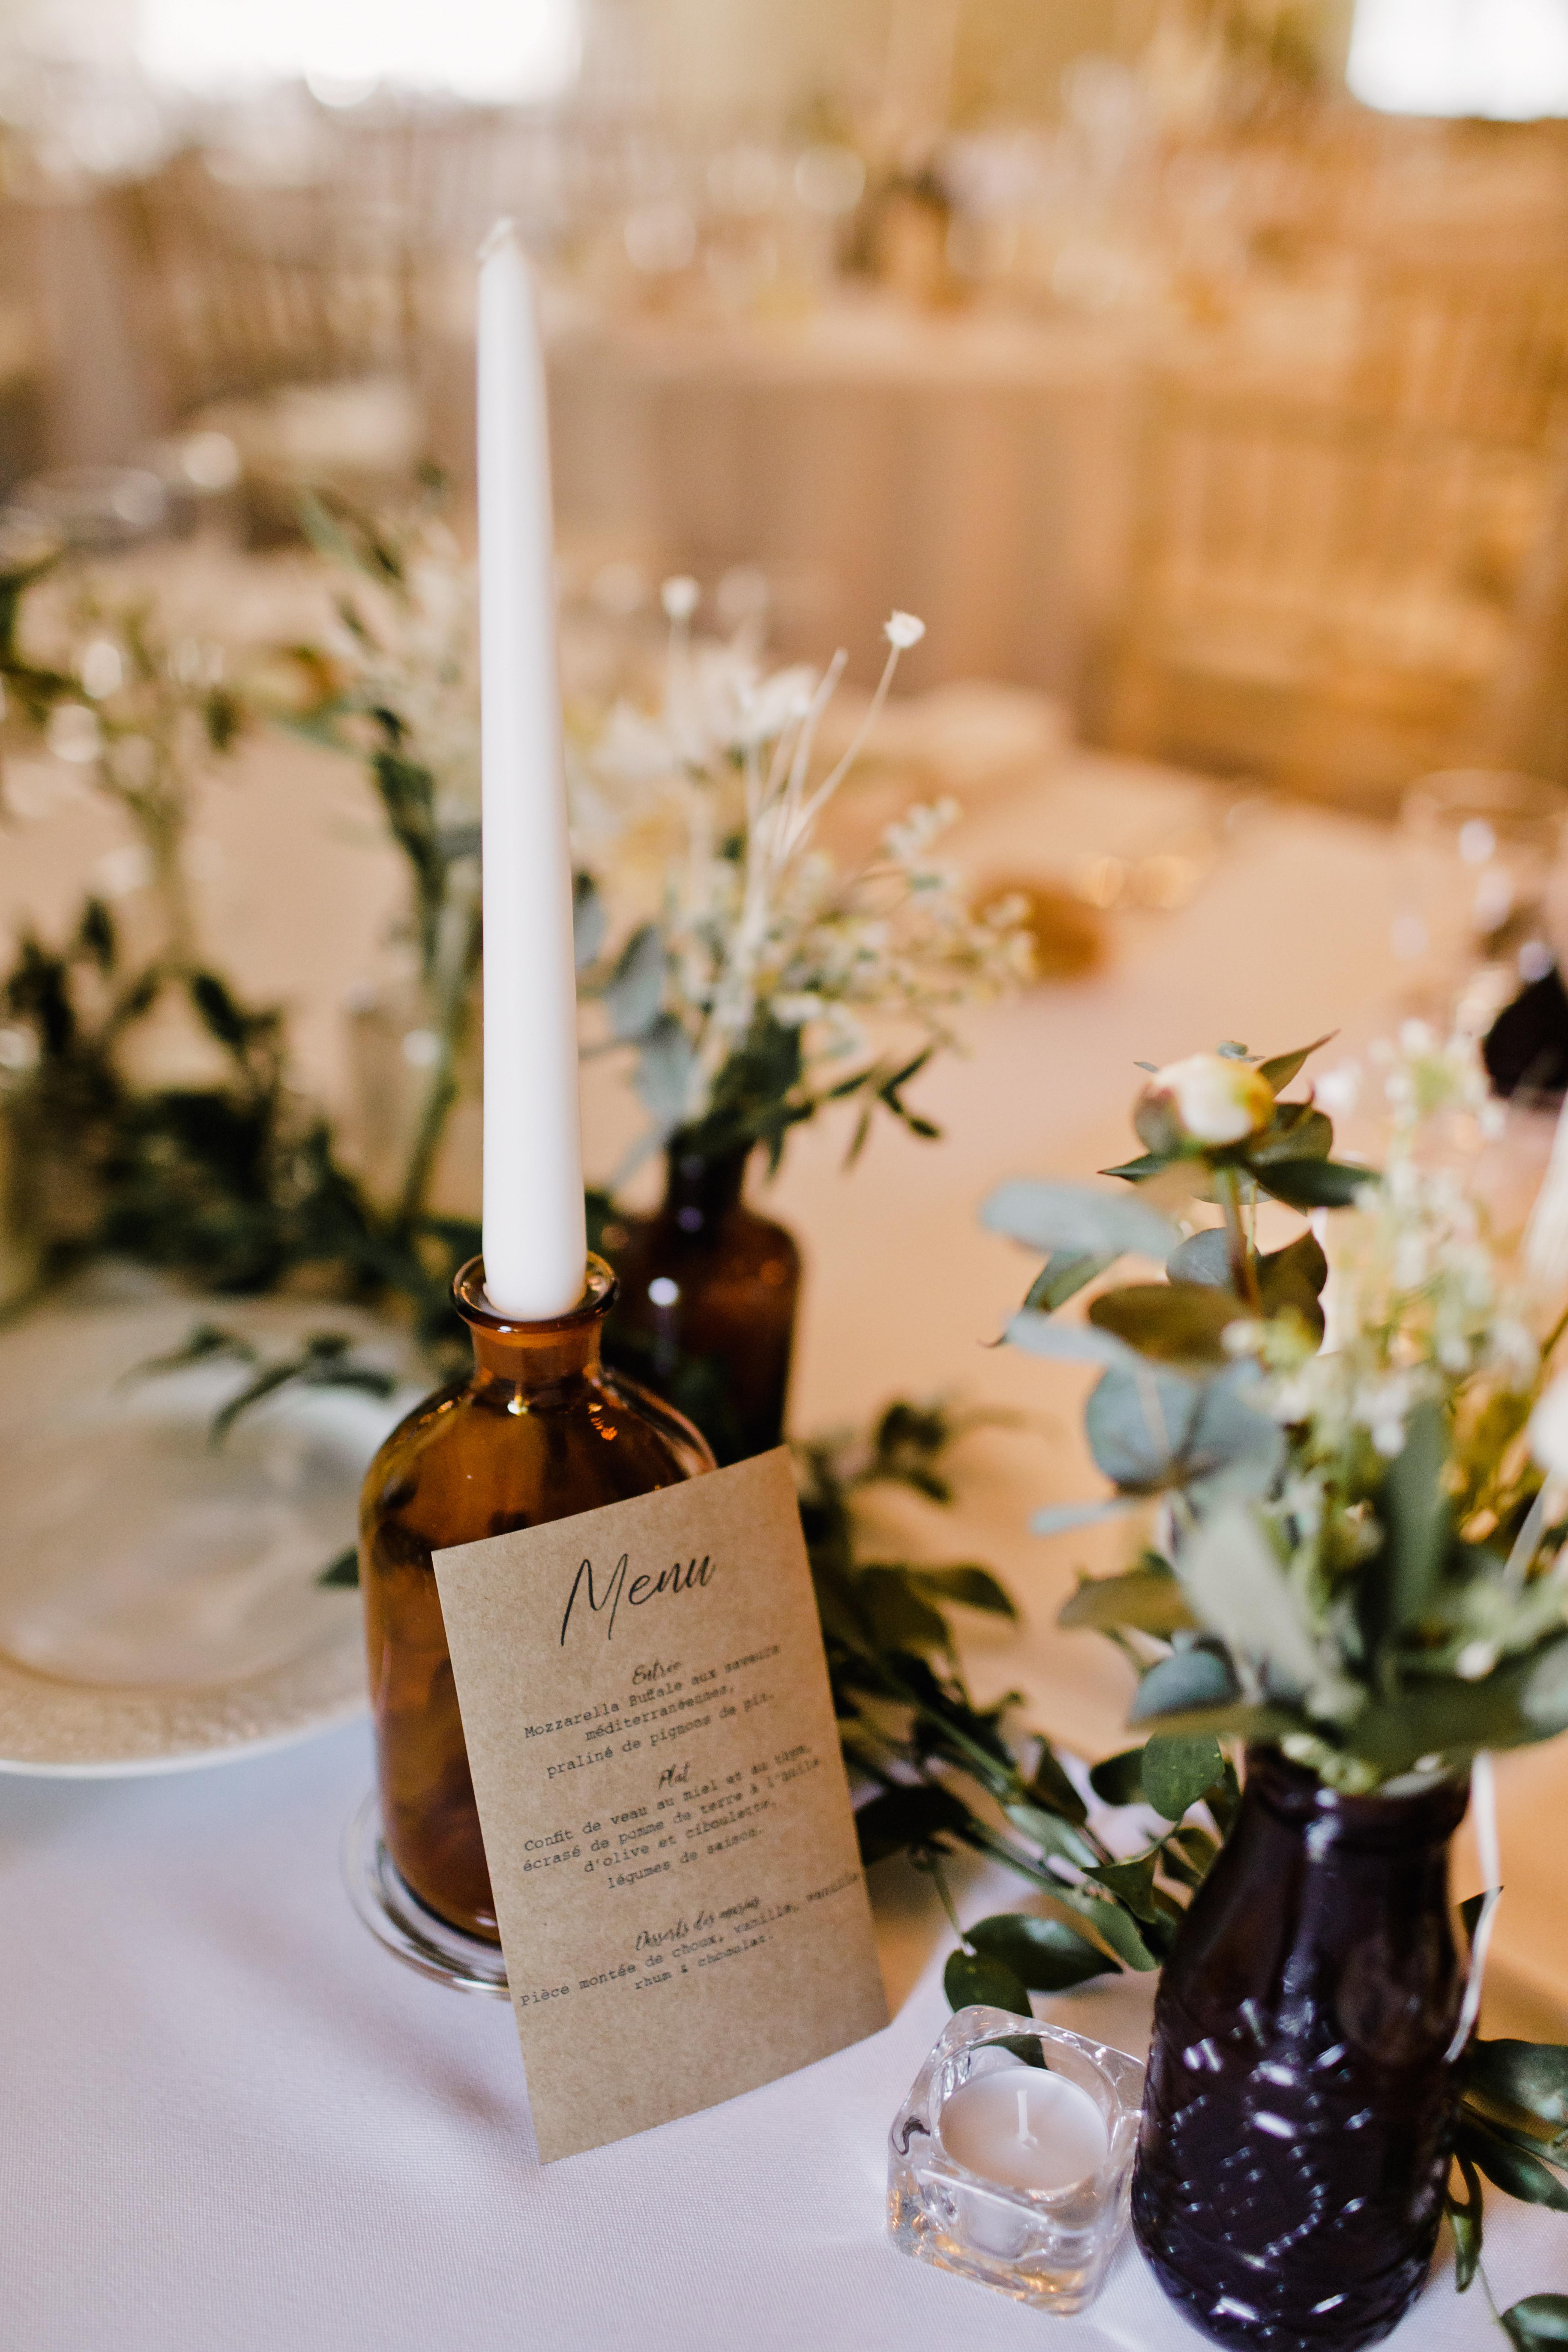 3-ChristelleGilles-MadameCoquelicot-Wedding-planner-17